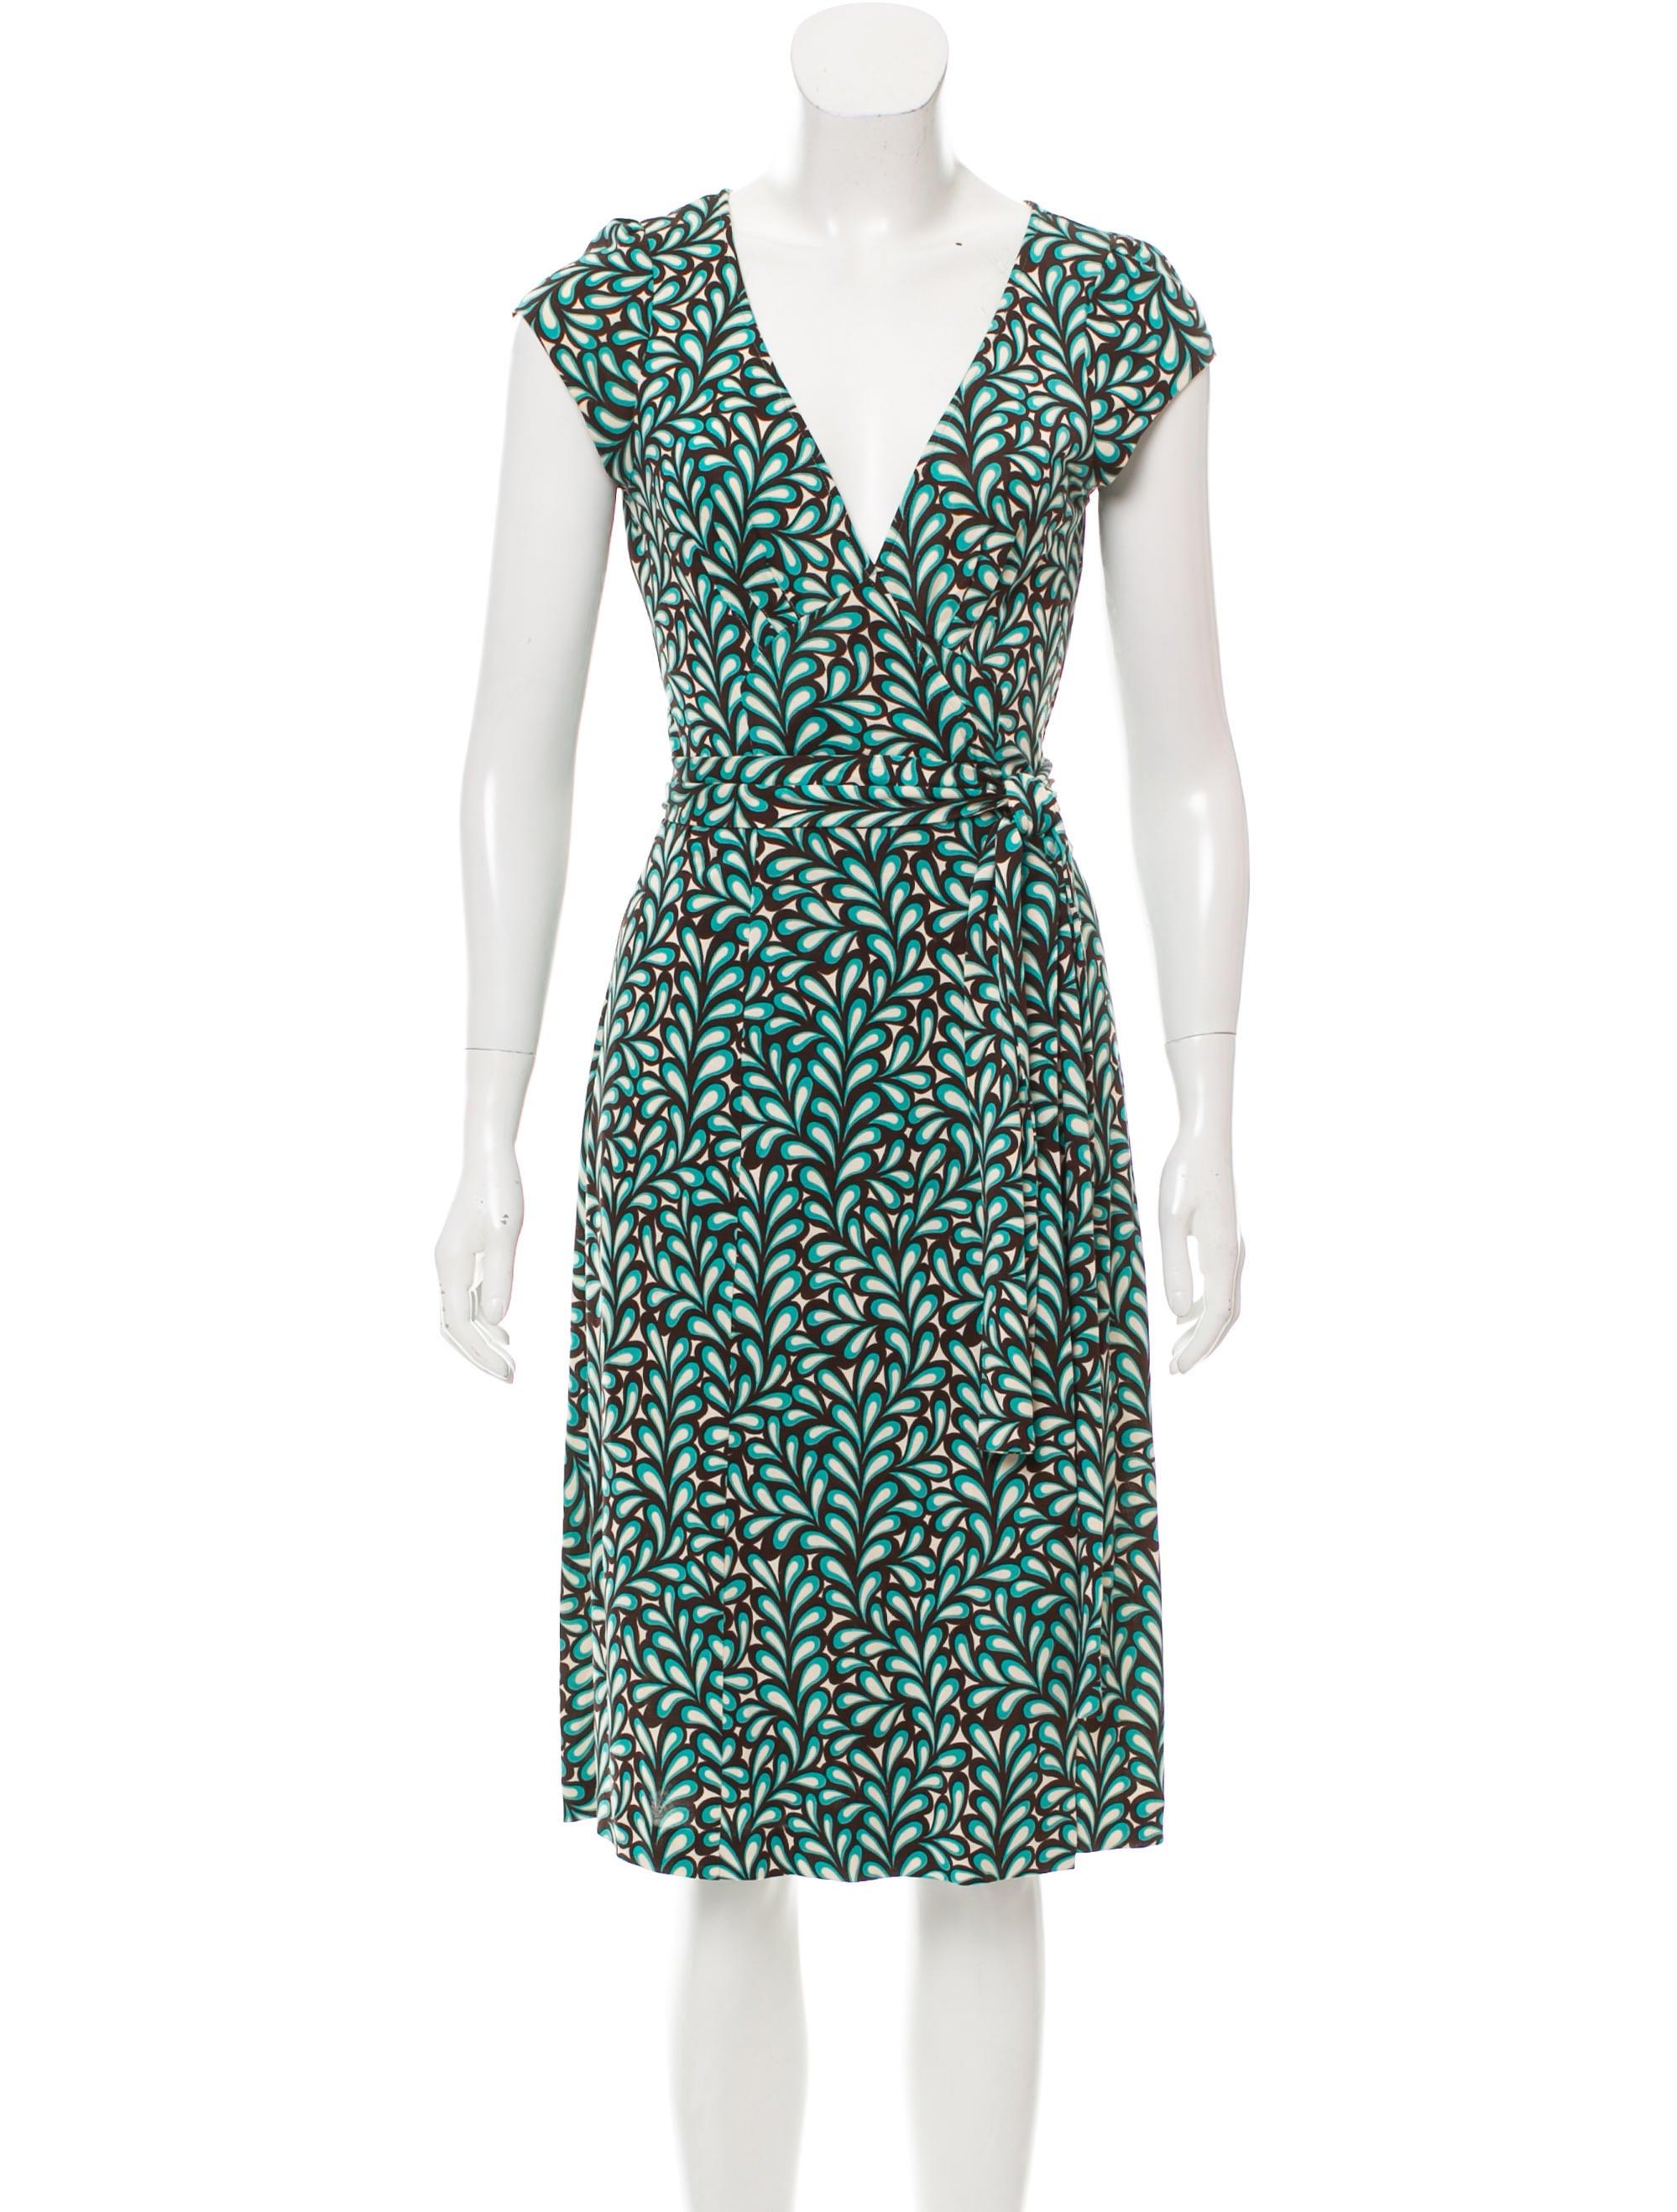 Diane von furstenberg kye silk dress clothing wdi96702 for Diane von furstenberg clothing